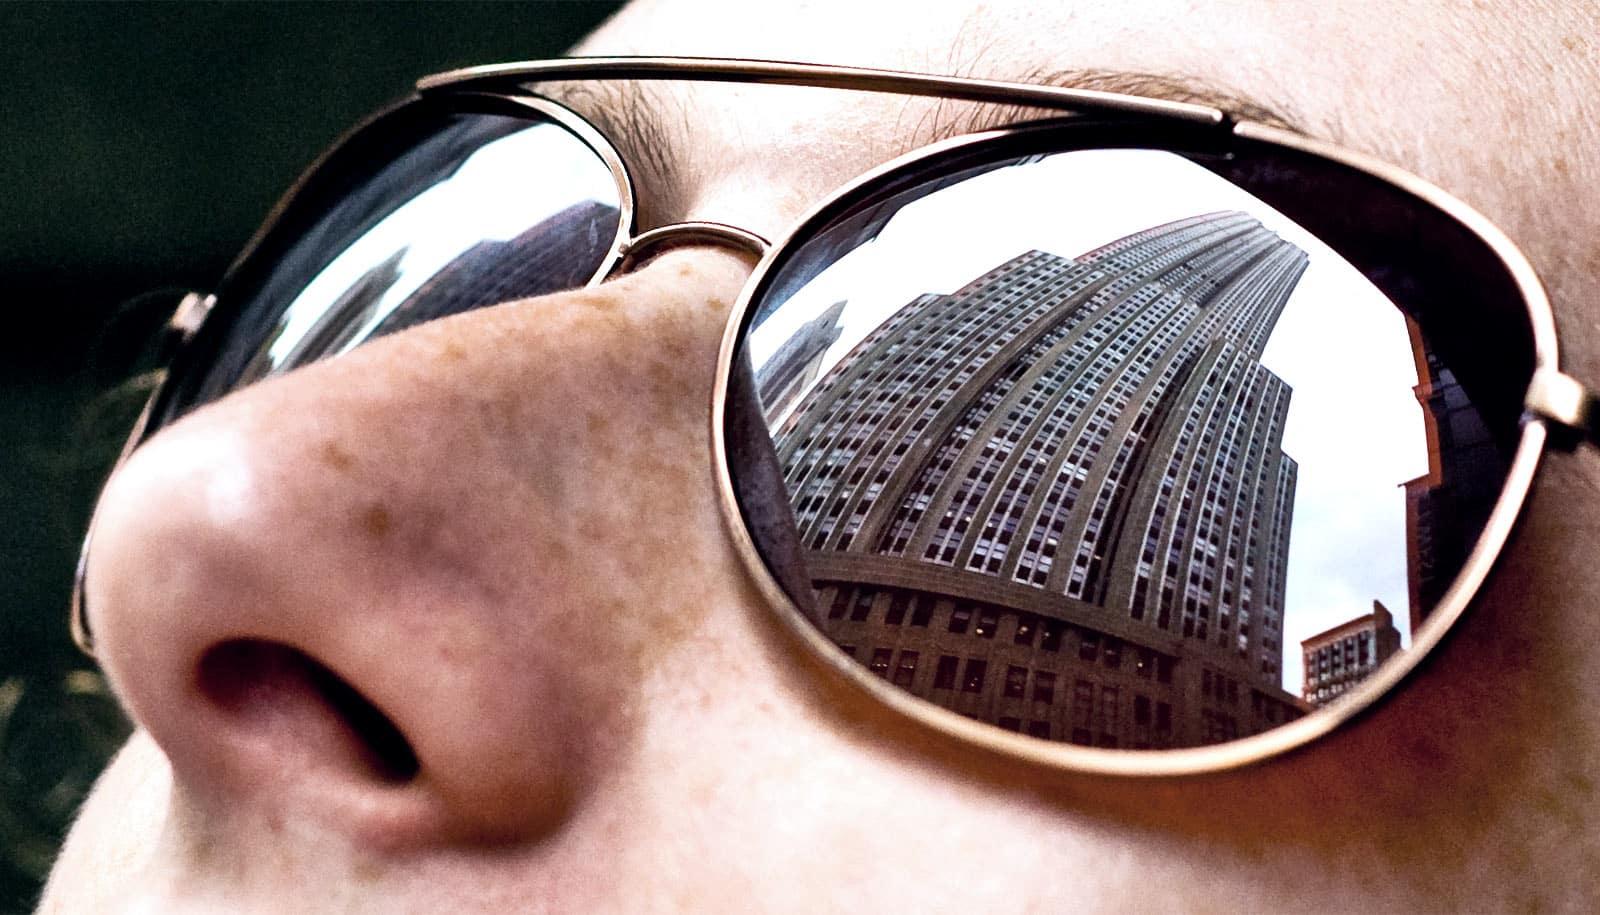 New material avoids AR/VR glasses 'bug eyes'